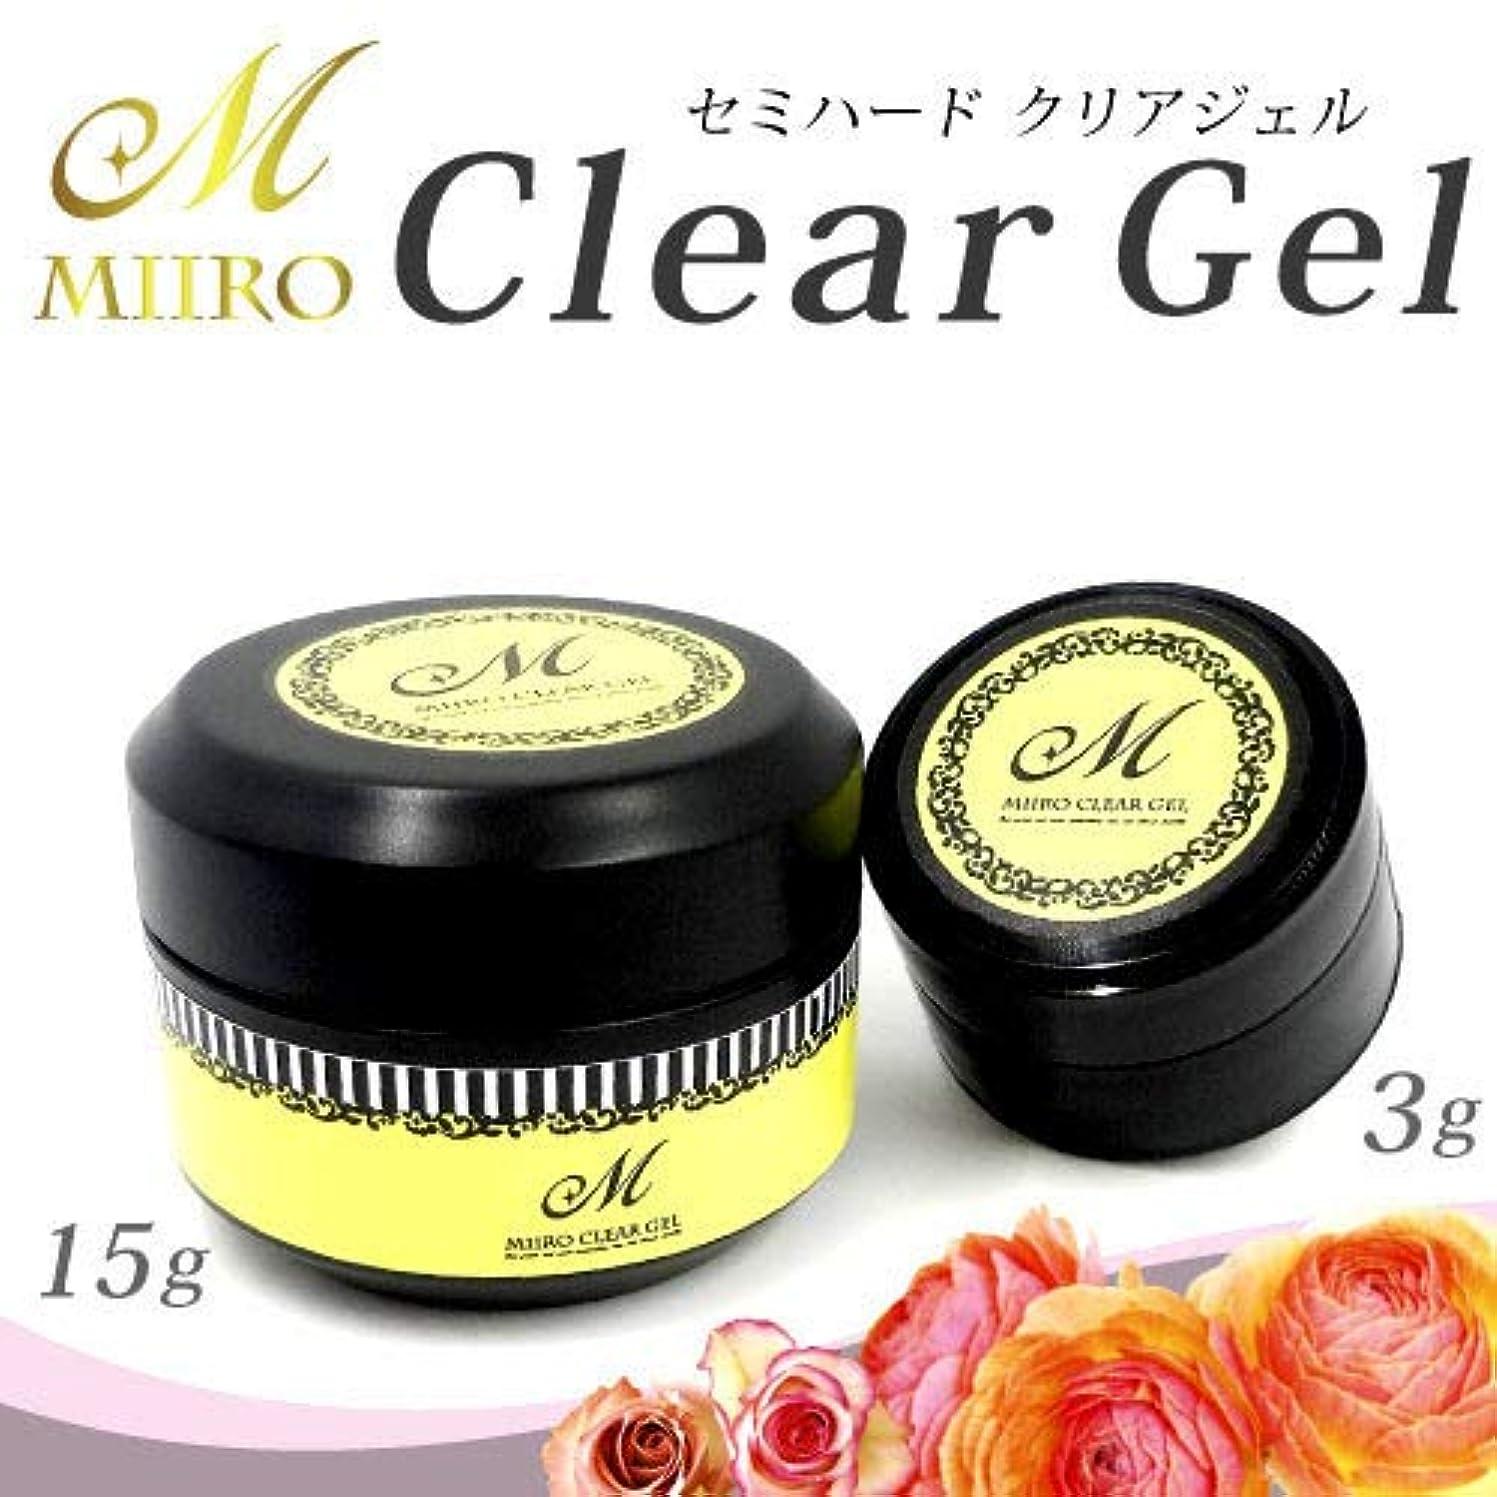 用心する最高滑りやすいセミハードクリアジェル 美色 Miiro(15g)UV&LED対応 (宅配便発送のみ)